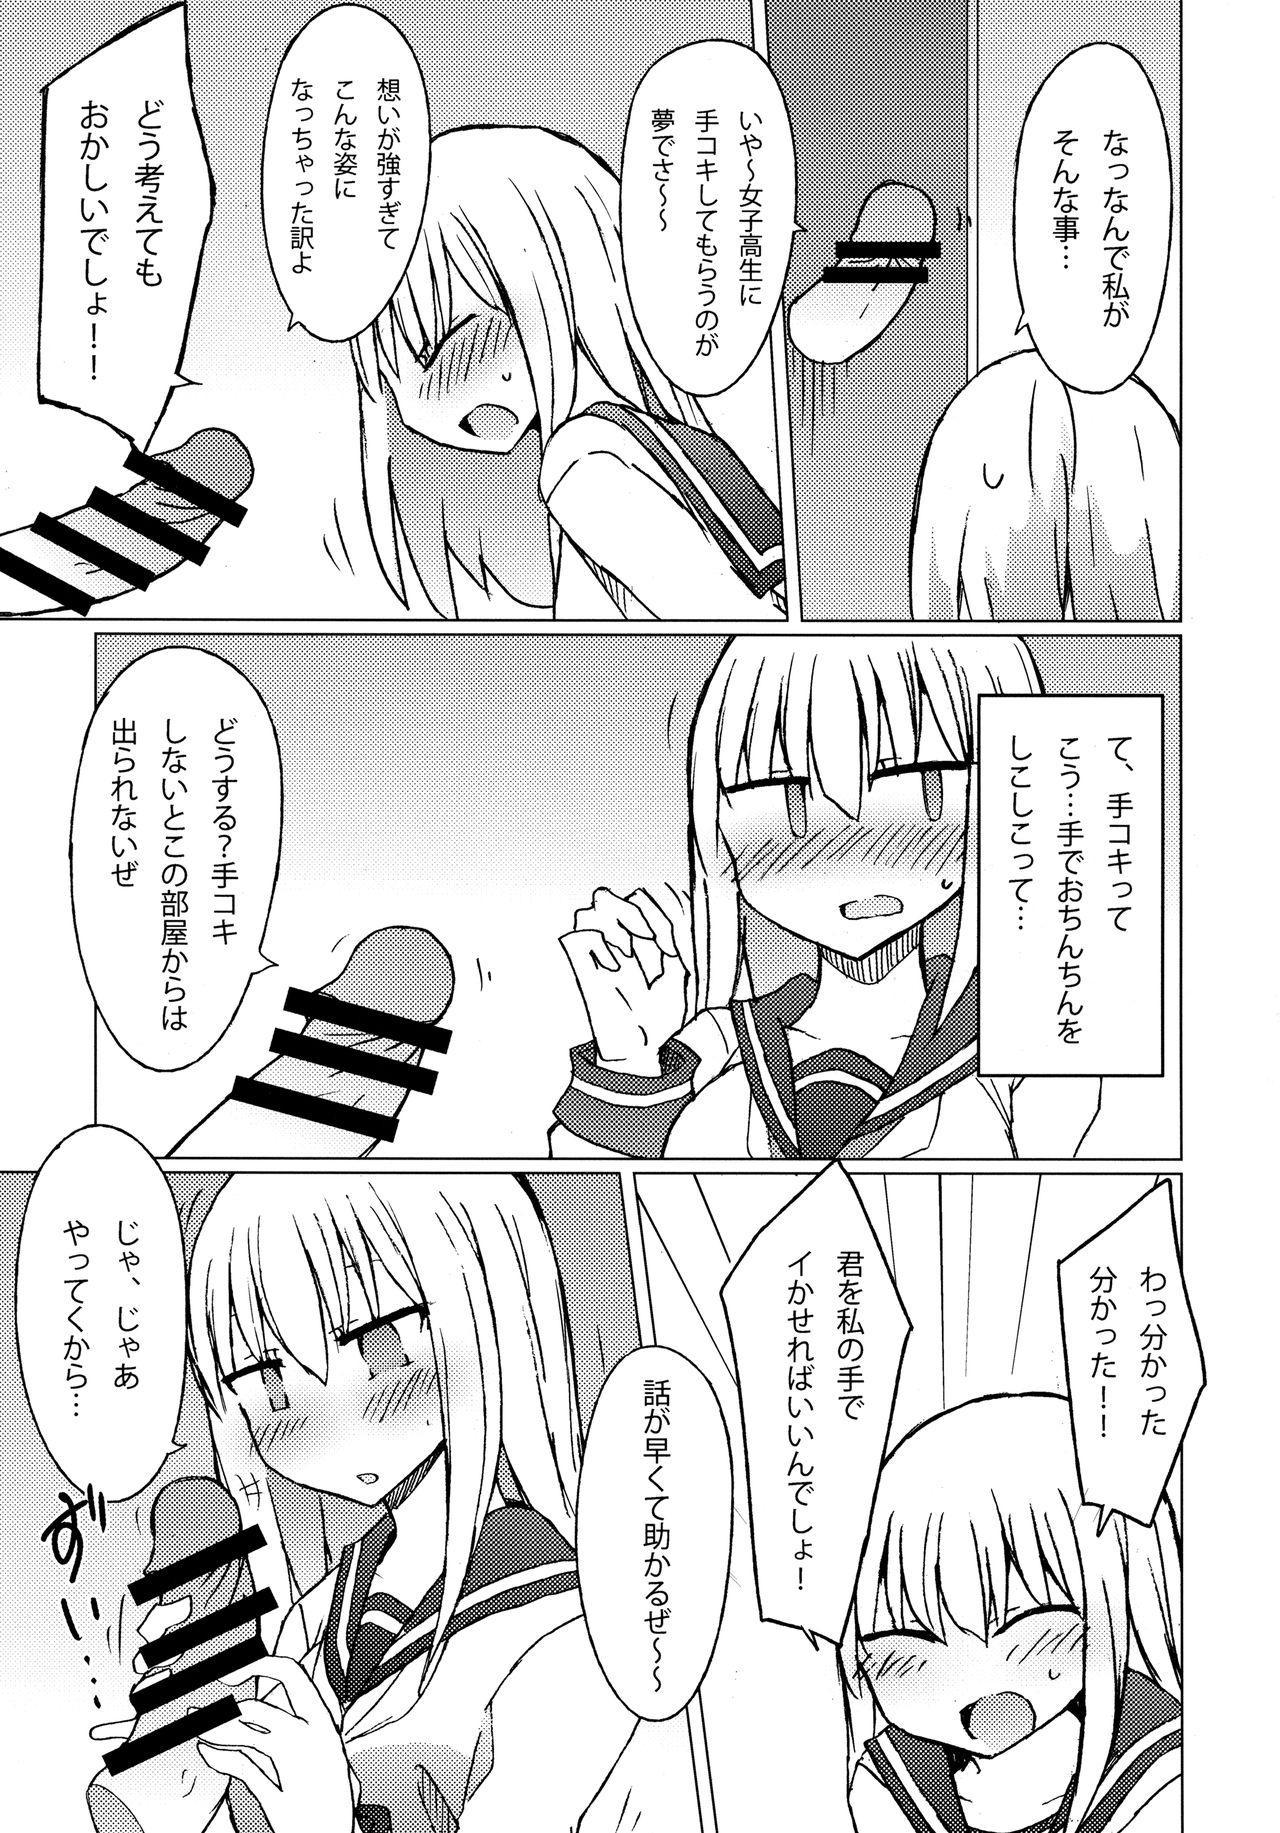 JK vs Tekoki Shinai to Derarenai Heya 5